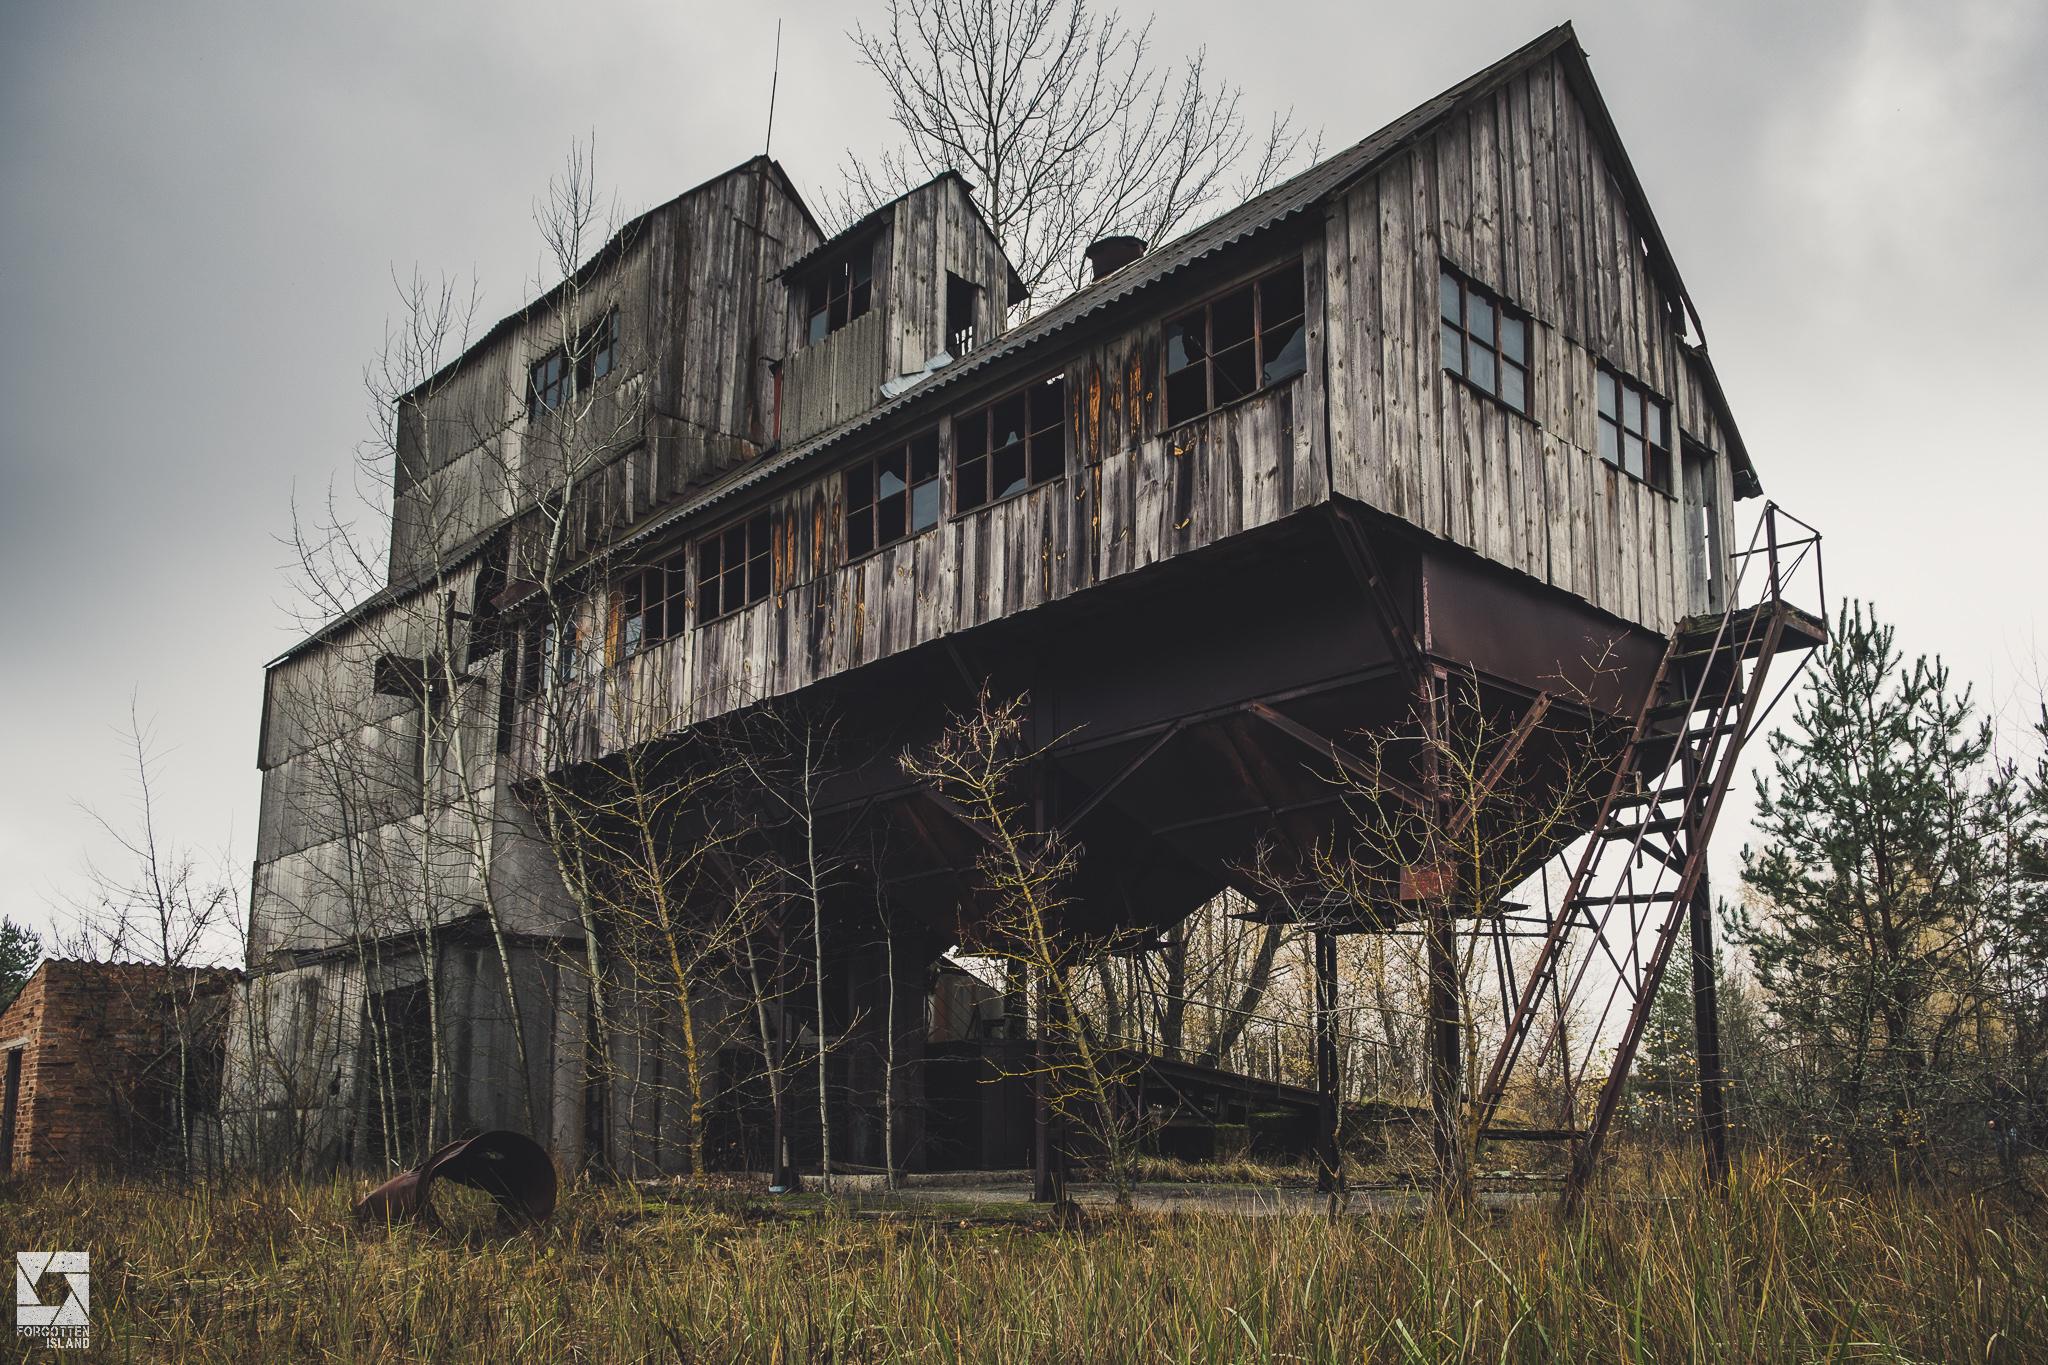 Chernobyl-Zymovyshche-Grain-Elevator-01.